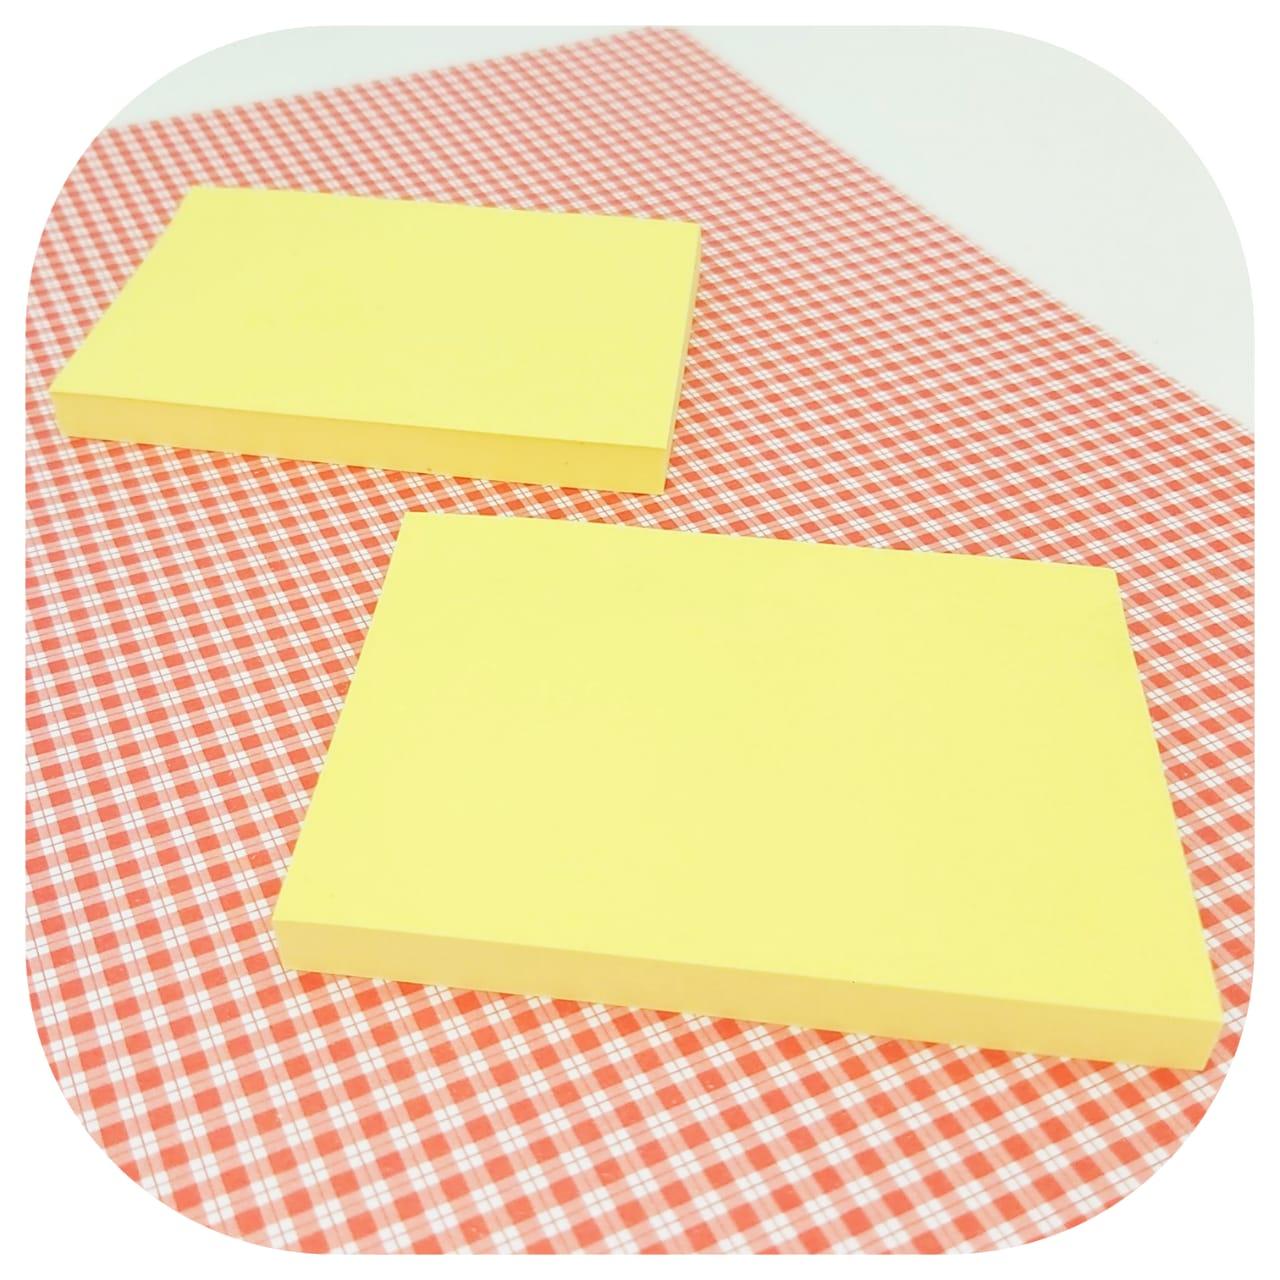 Bloco de Anotações Colável - 76x102mm - Amarelo Pastel - BRW